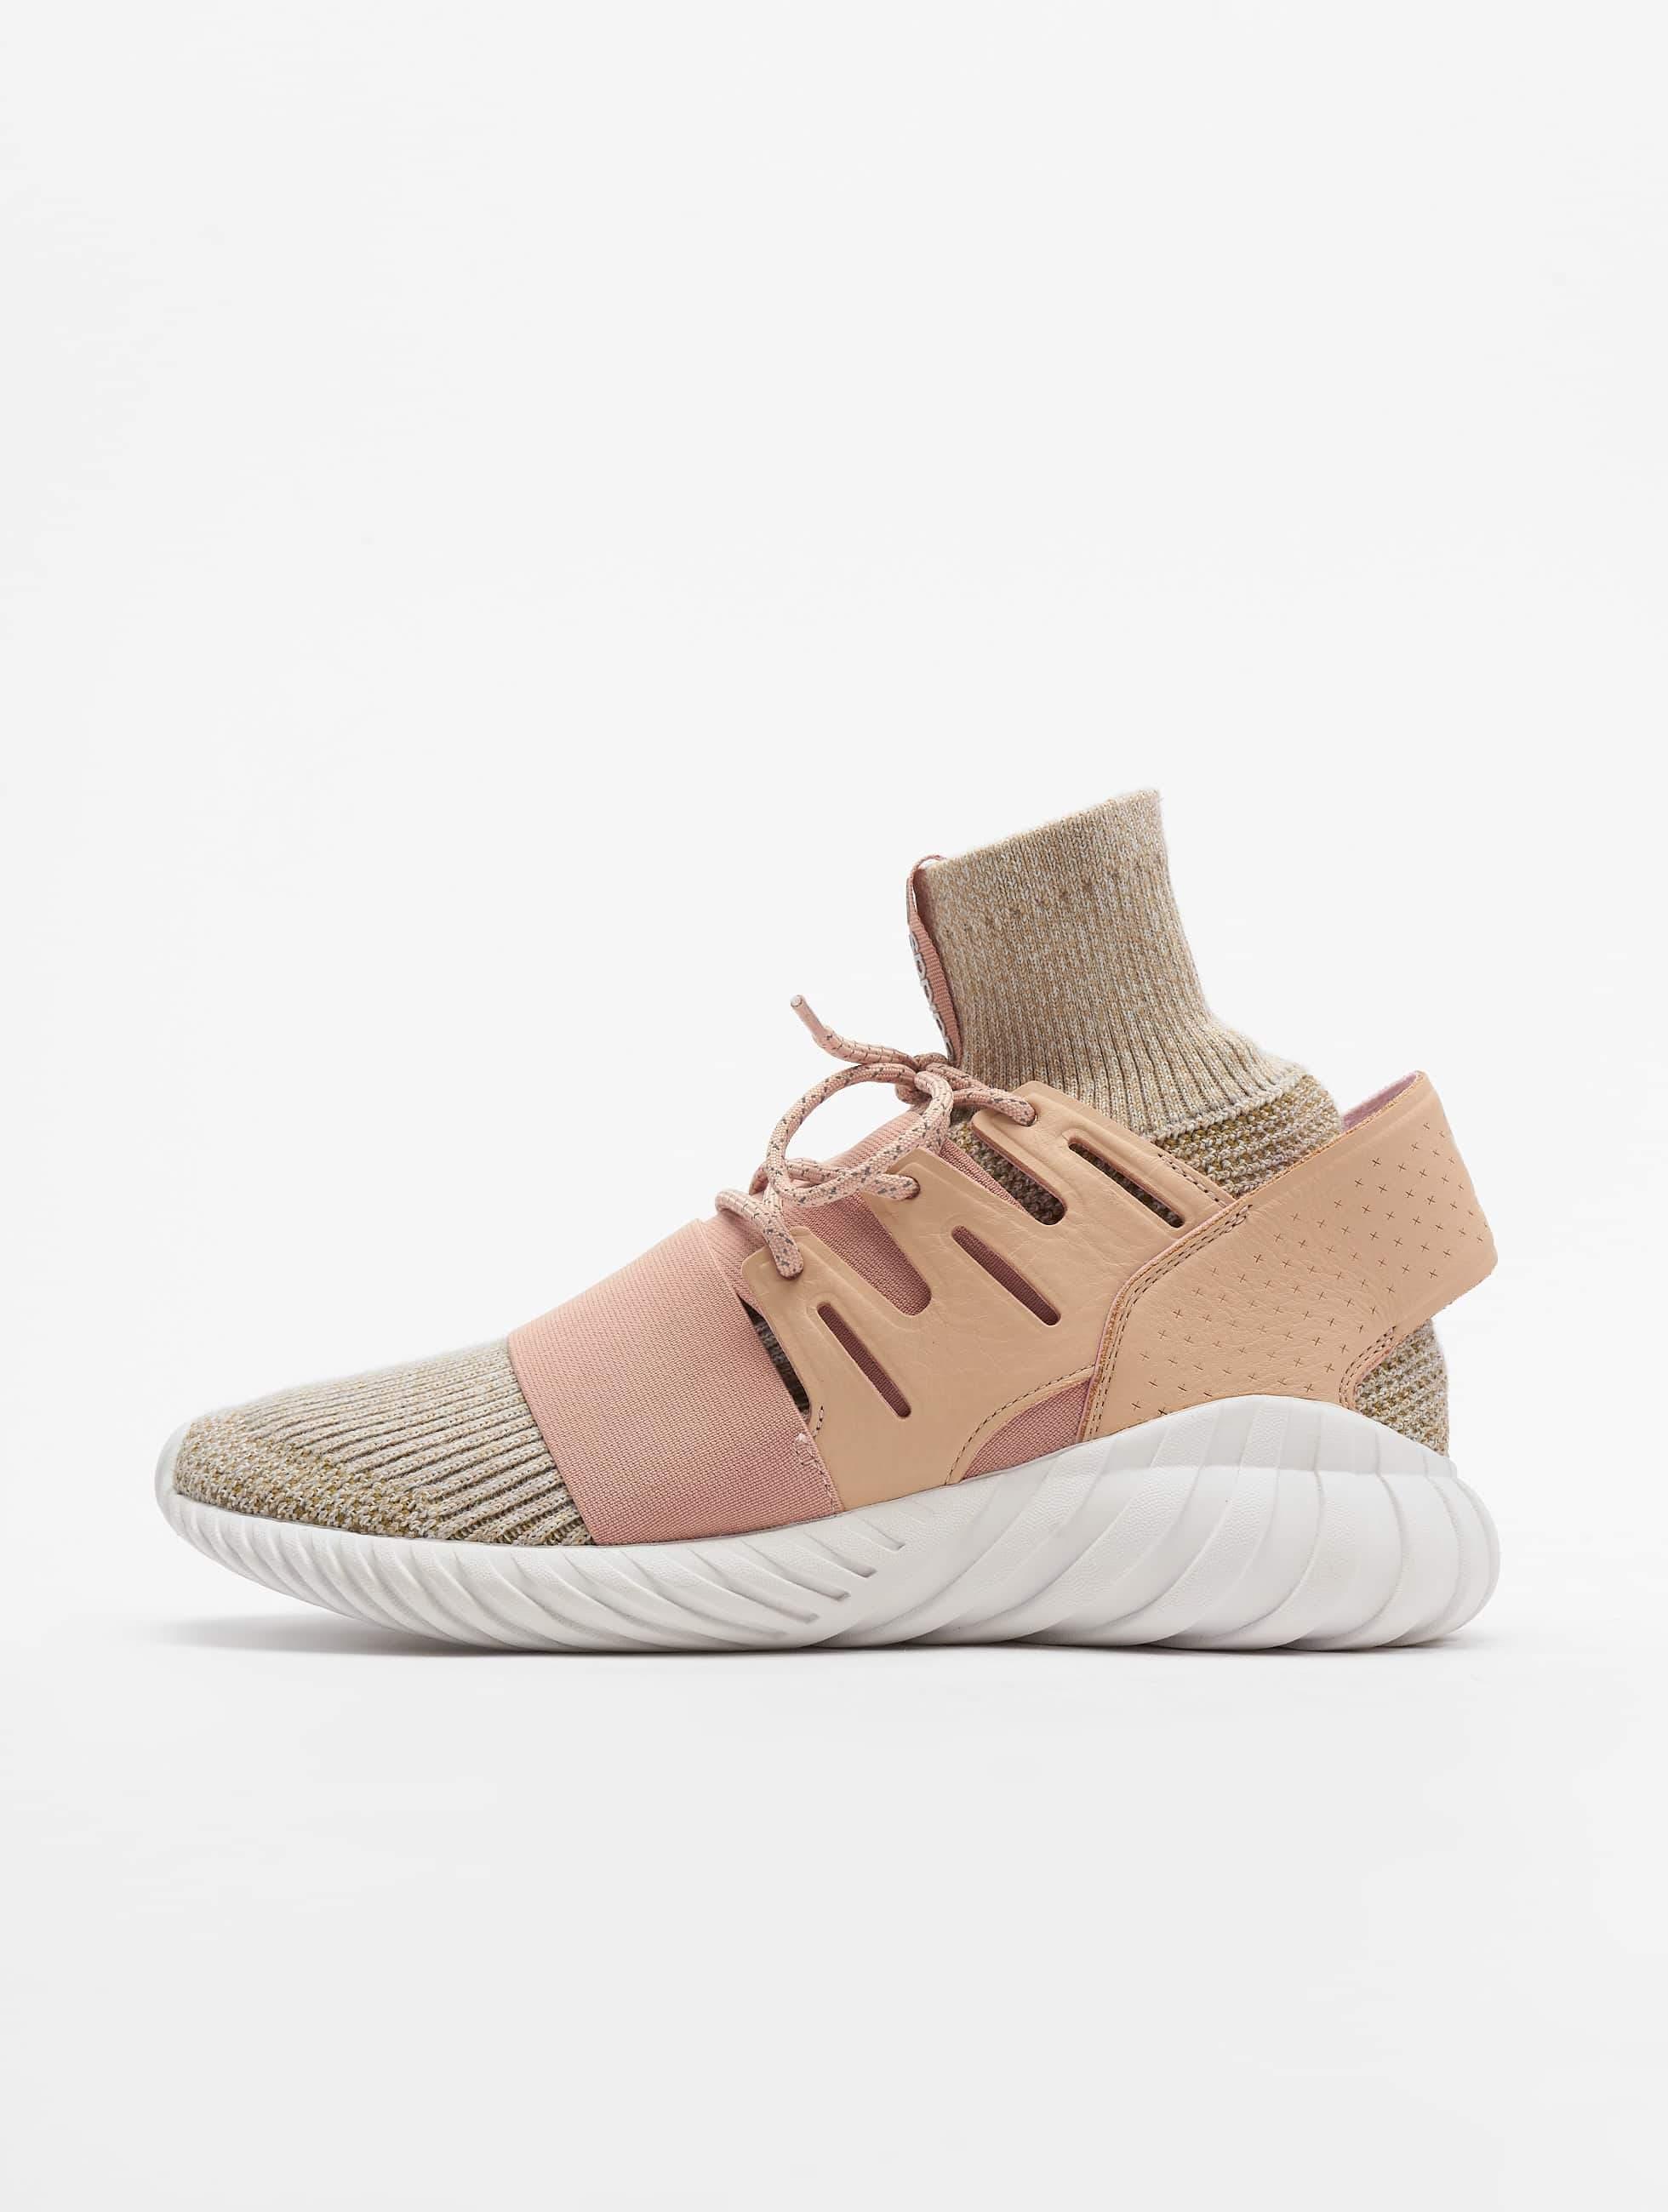 Mænd Adidas Originals Superstar 80S Pk Sneakers 1 Hvid